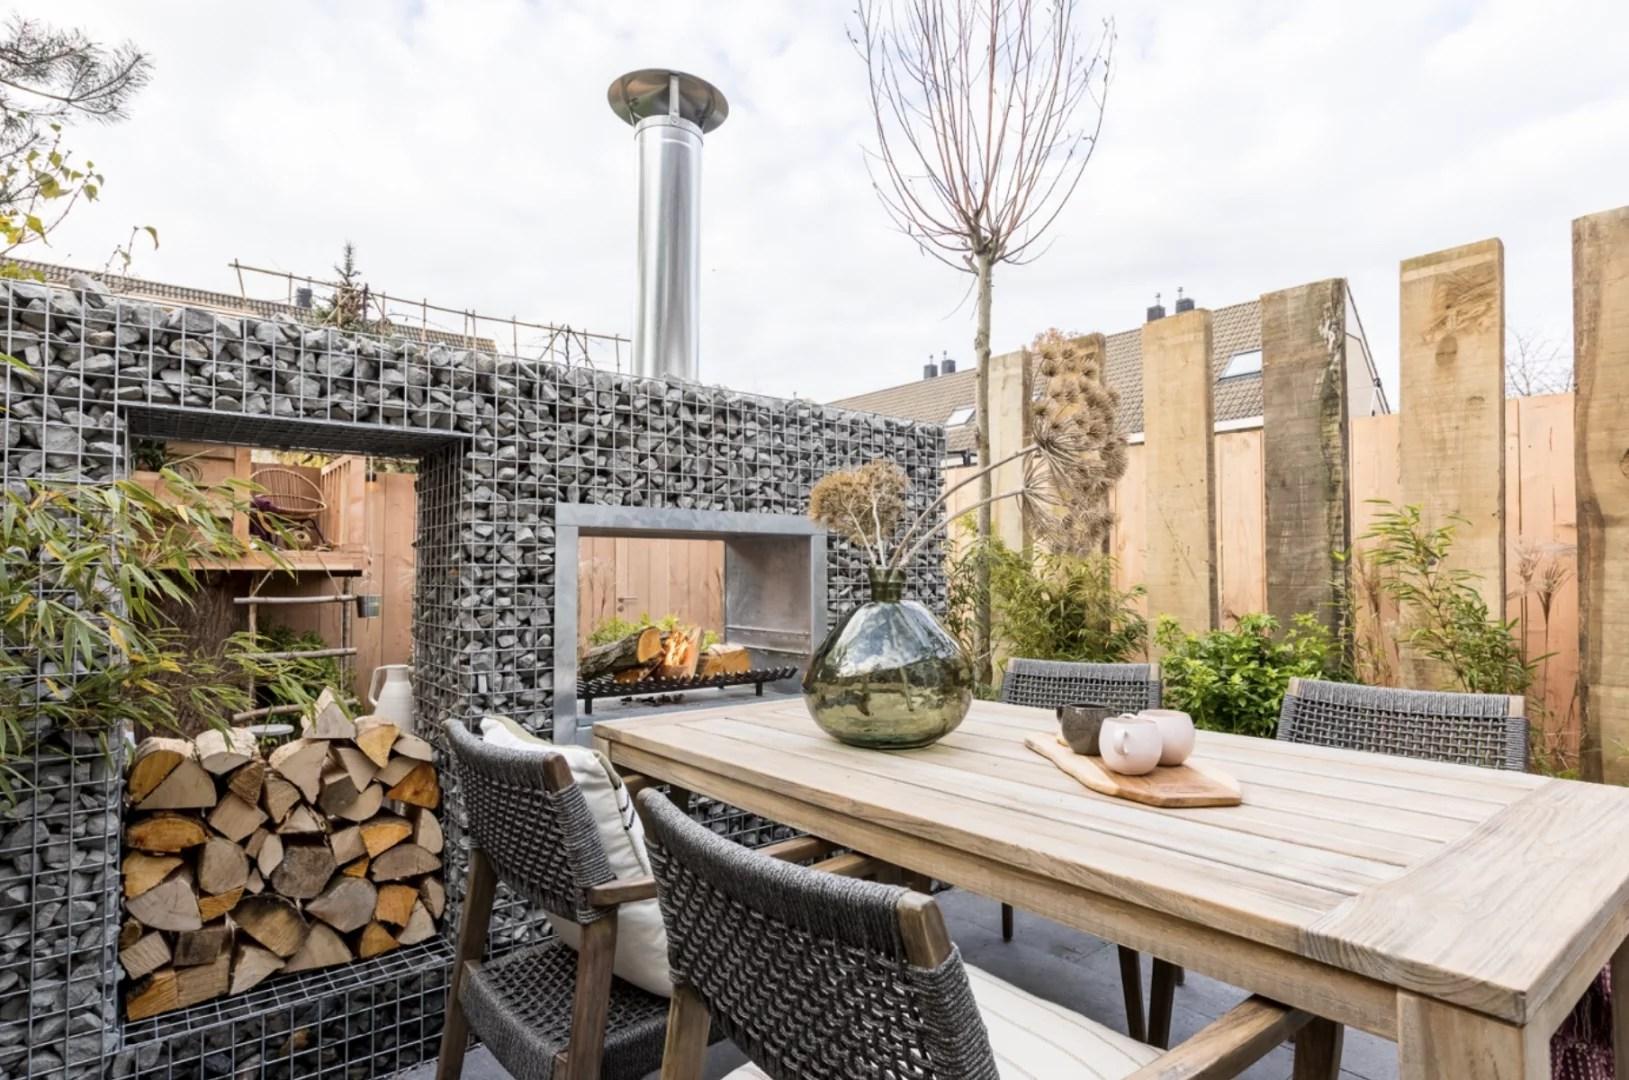 Woontrends Decoratie Ideeen Voor Huis En Tuin Met Een Groene Twist Stijlvol Styling Woonblog Voel Je Thuis